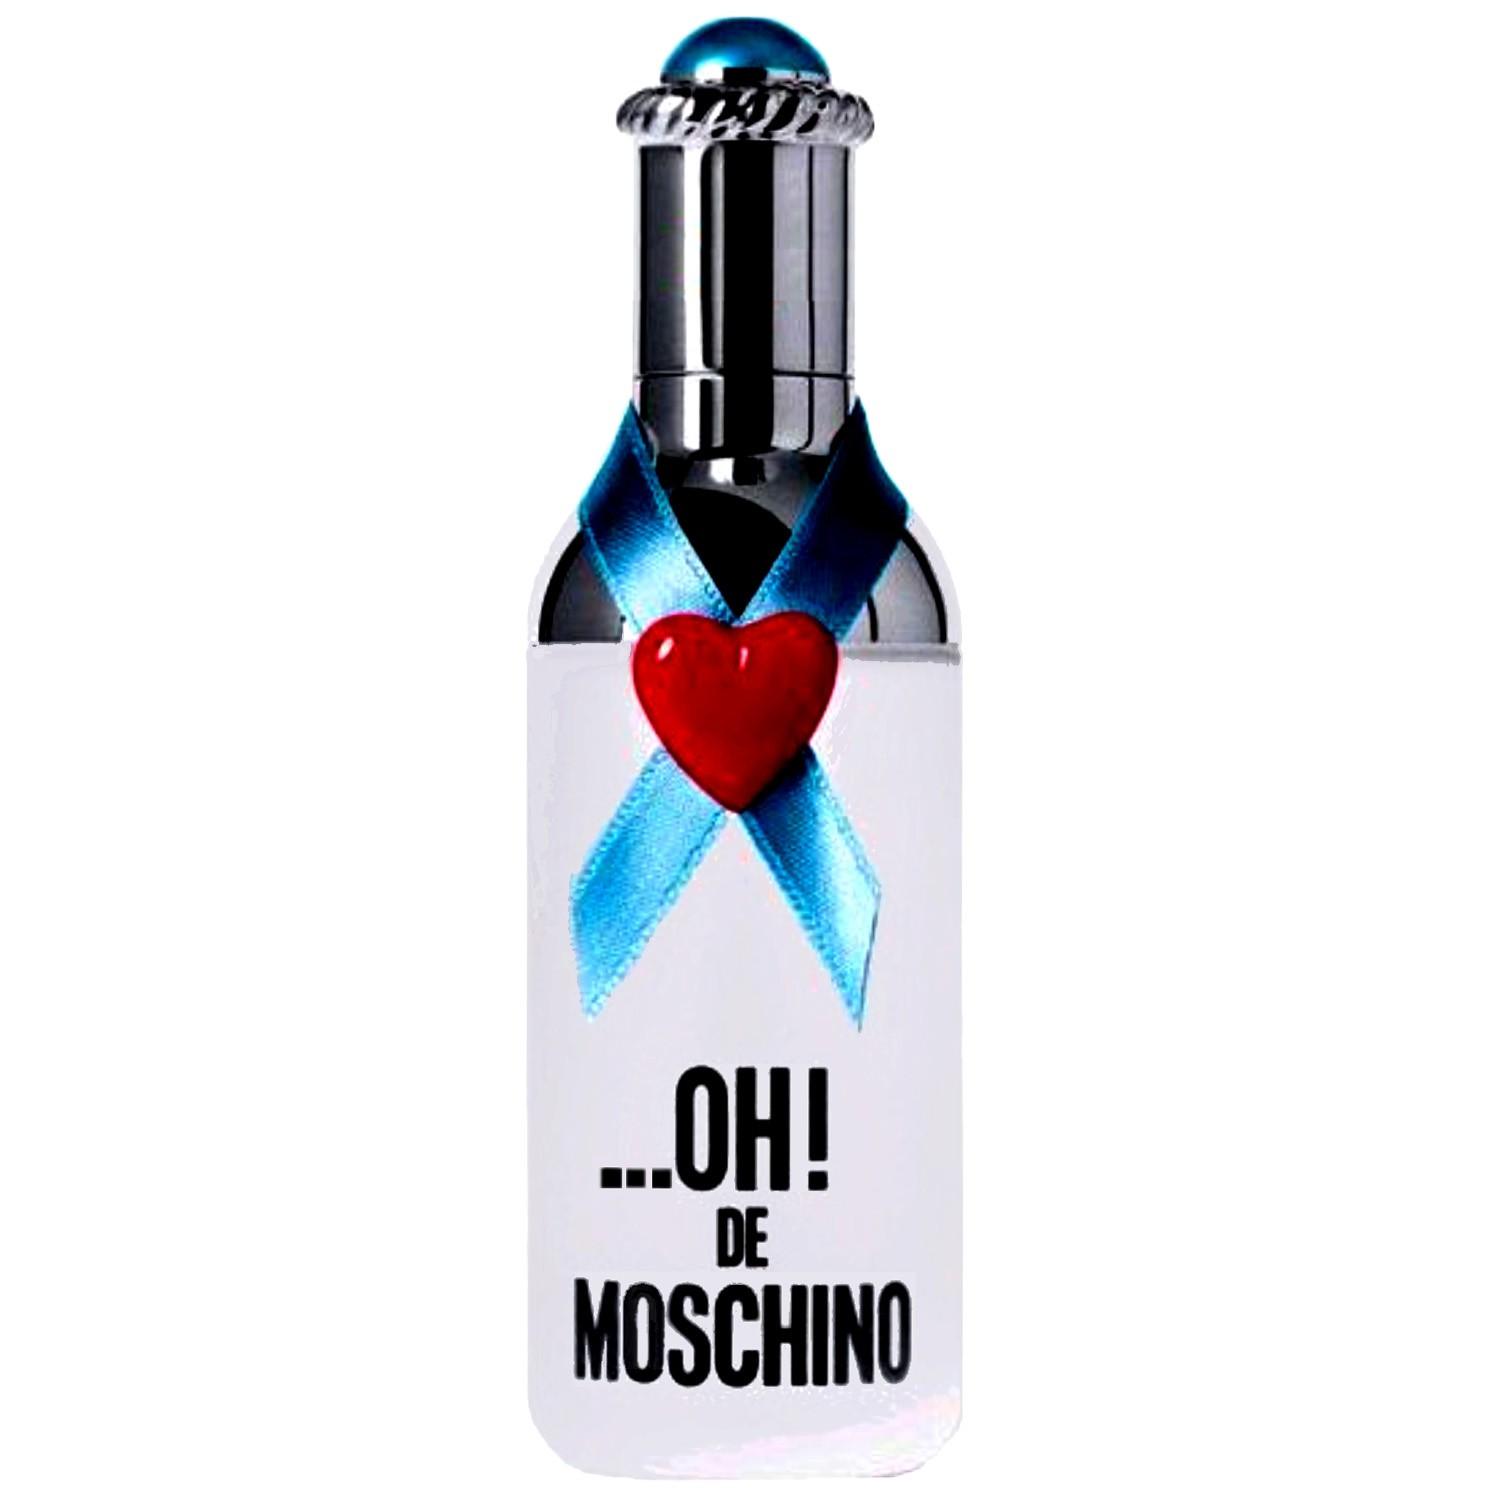 Oh! De Moschino аромат для женщин